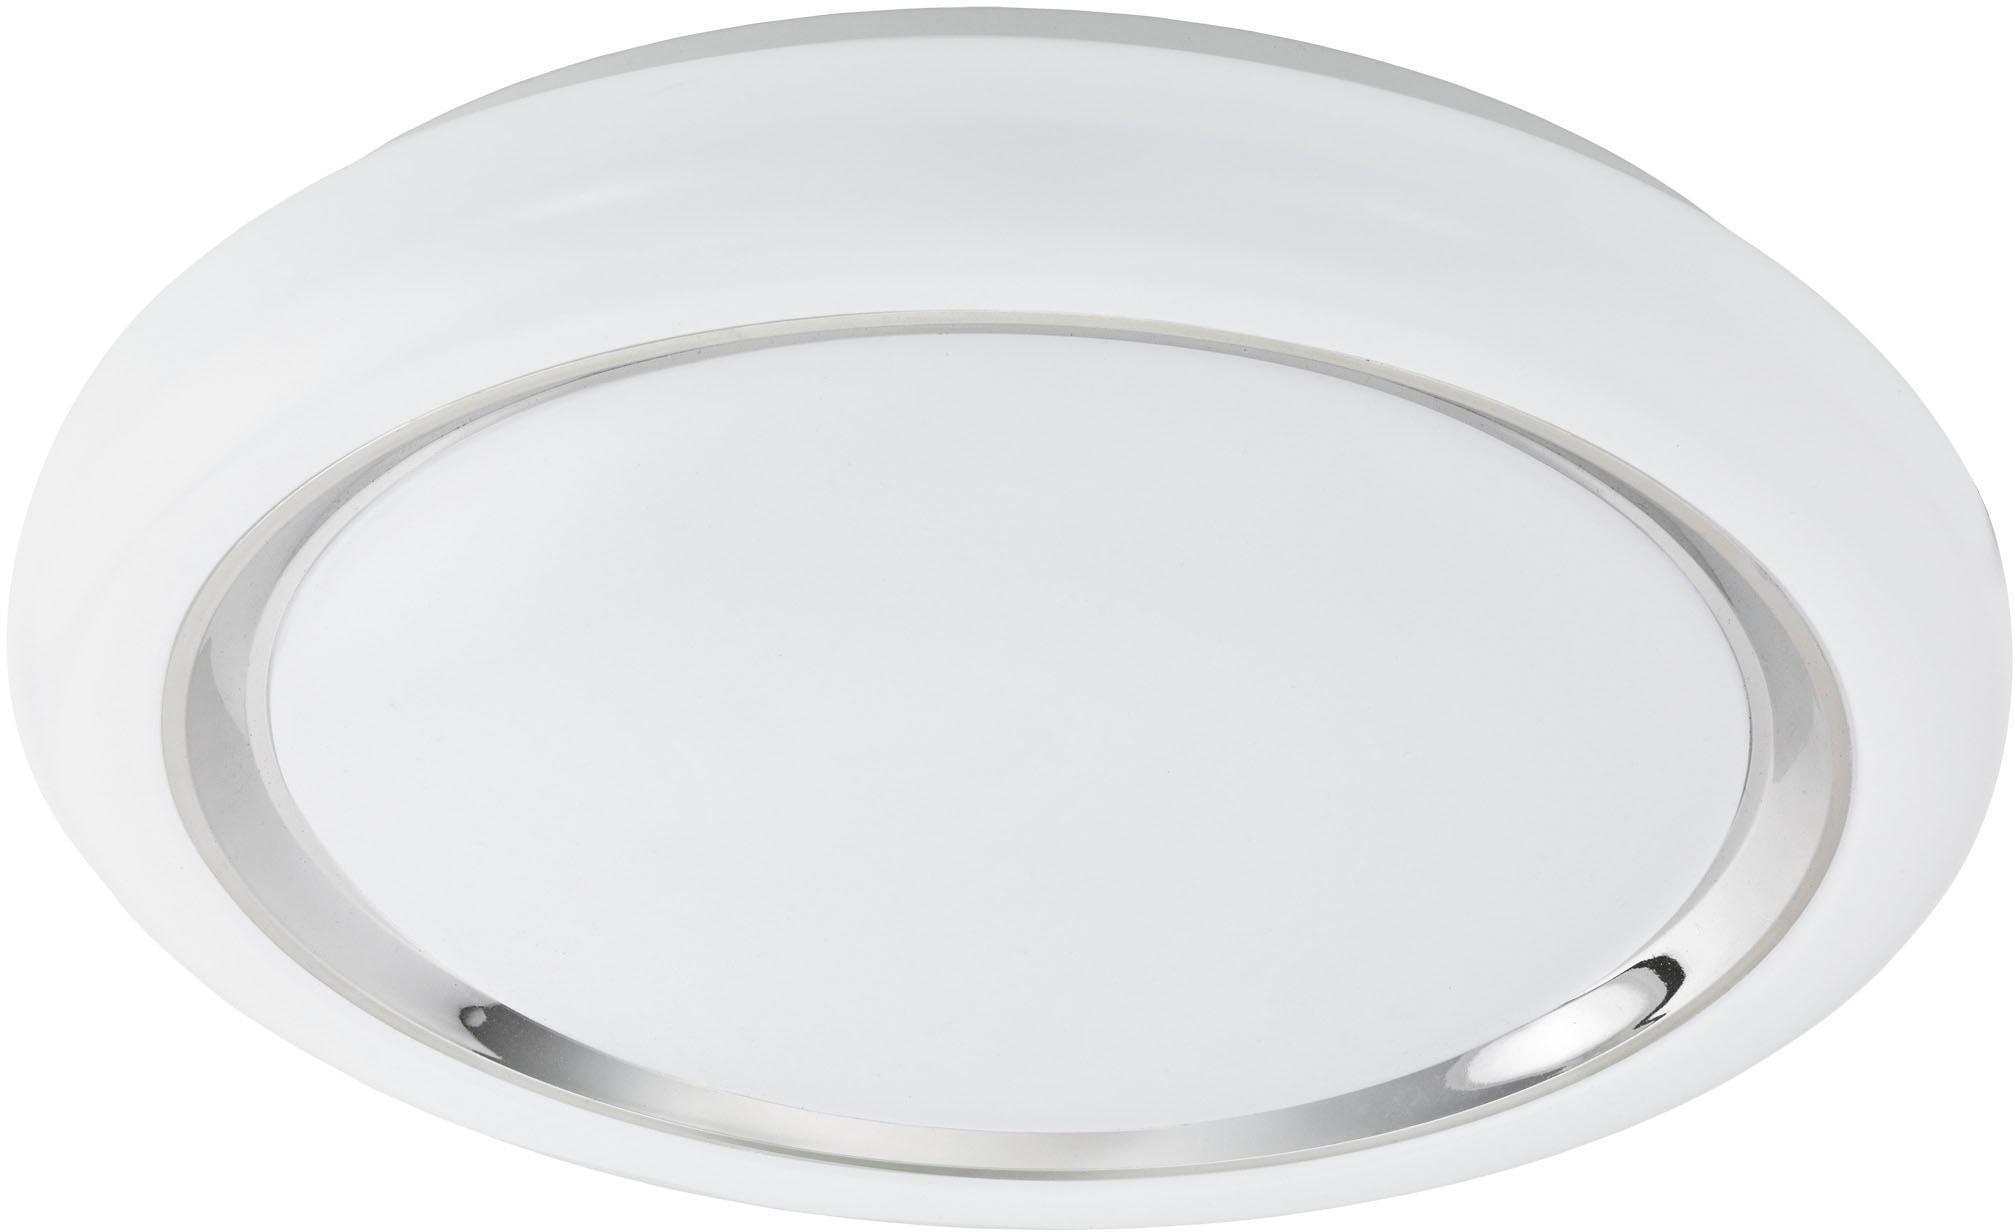 EGLO Deckenleuchte CAPASSO, LED-Board, Warmweiß, Deckenlampe